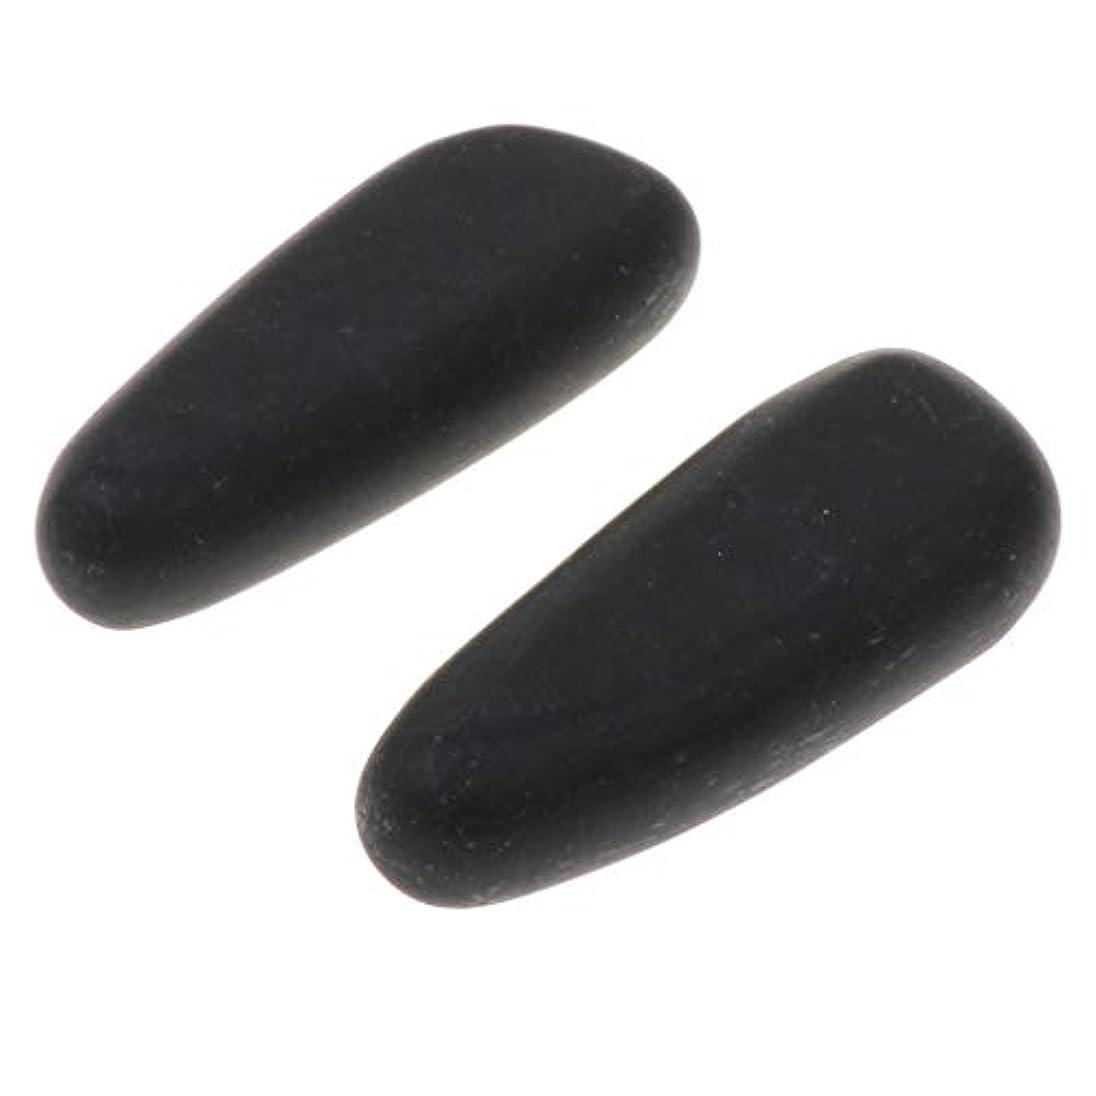 私のチーム株式天然石ホットストーン マッサージストーン 玄武岩 ボディマッサージ 実用 ツボ押しグッズ 2個 全2サイズ - 8×3.2×2cm